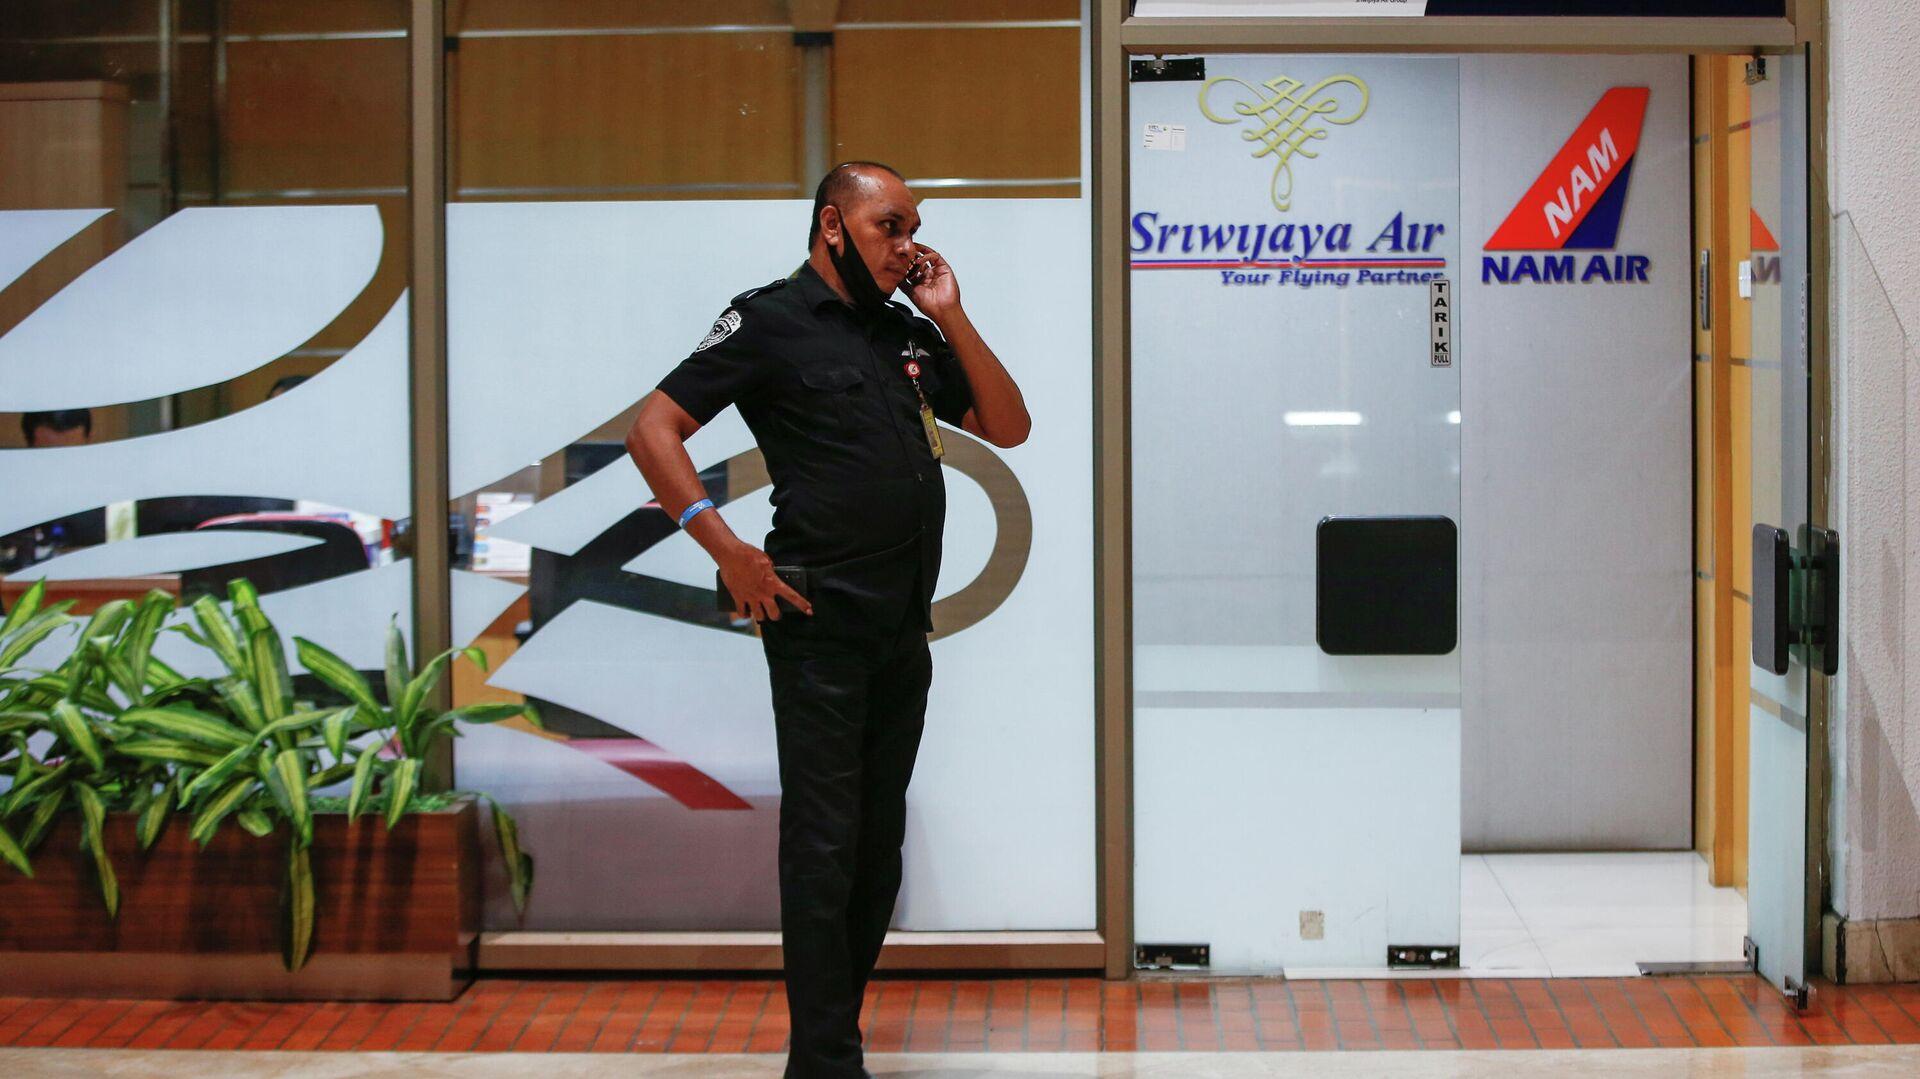 Сотрудник в аэропорту Сукарно-Хатта в Джакарте, после крушения самолета компании Sriwijaya Air - РИА Новости, 1920, 10.01.2021